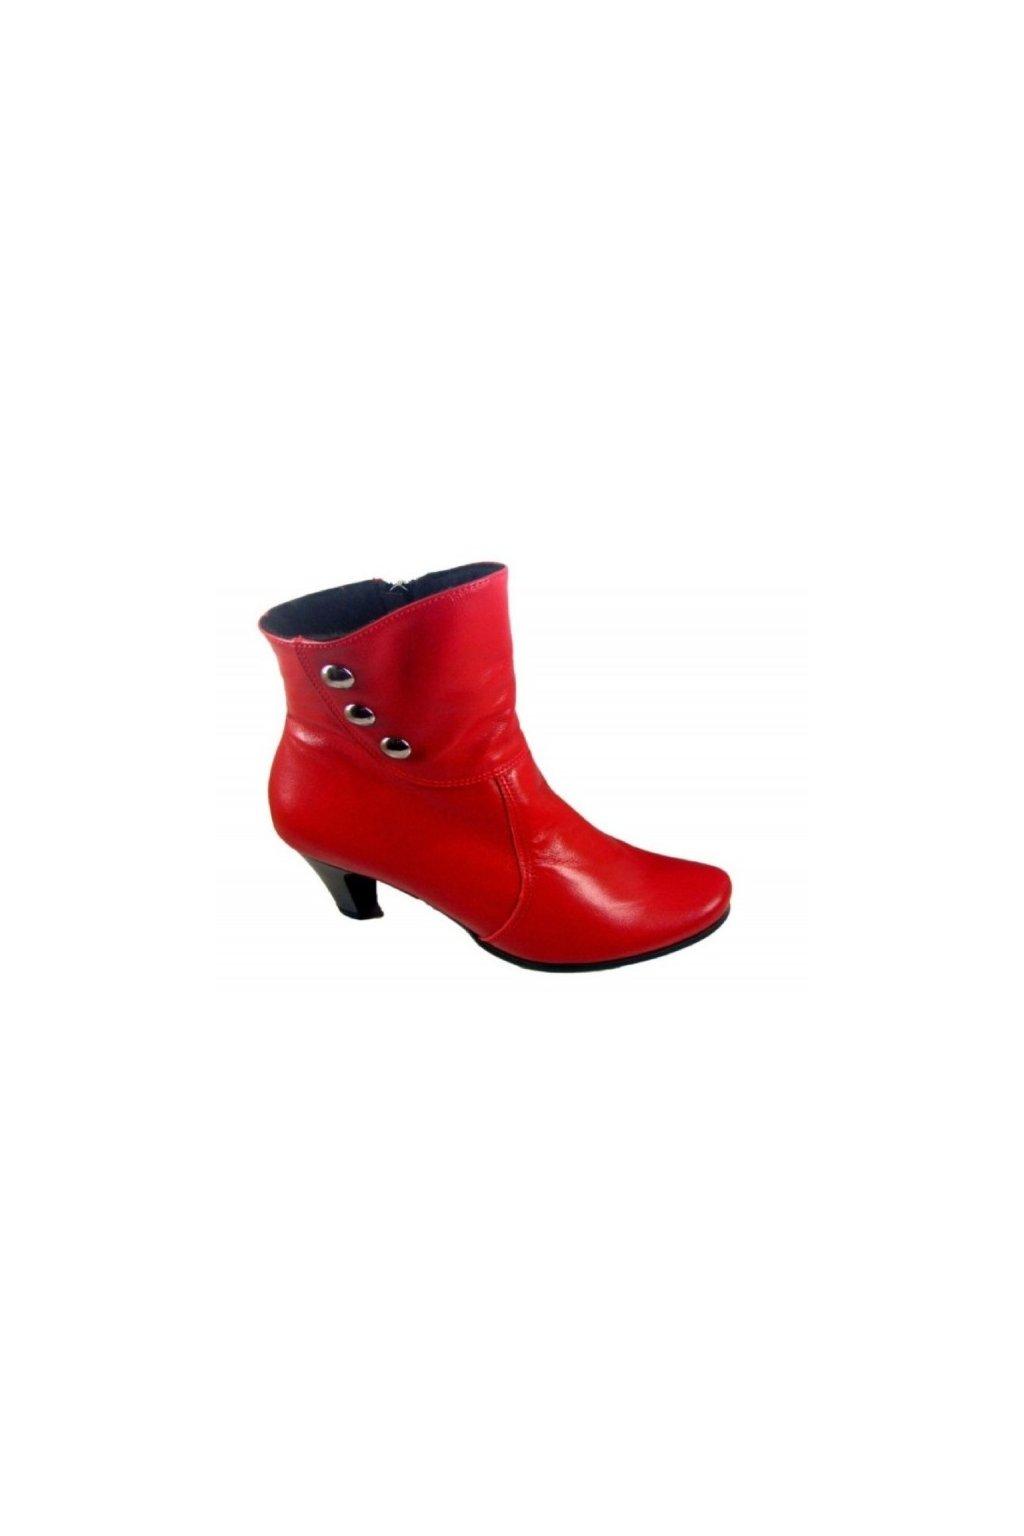 Podměrná dámská obuv Robert 1140